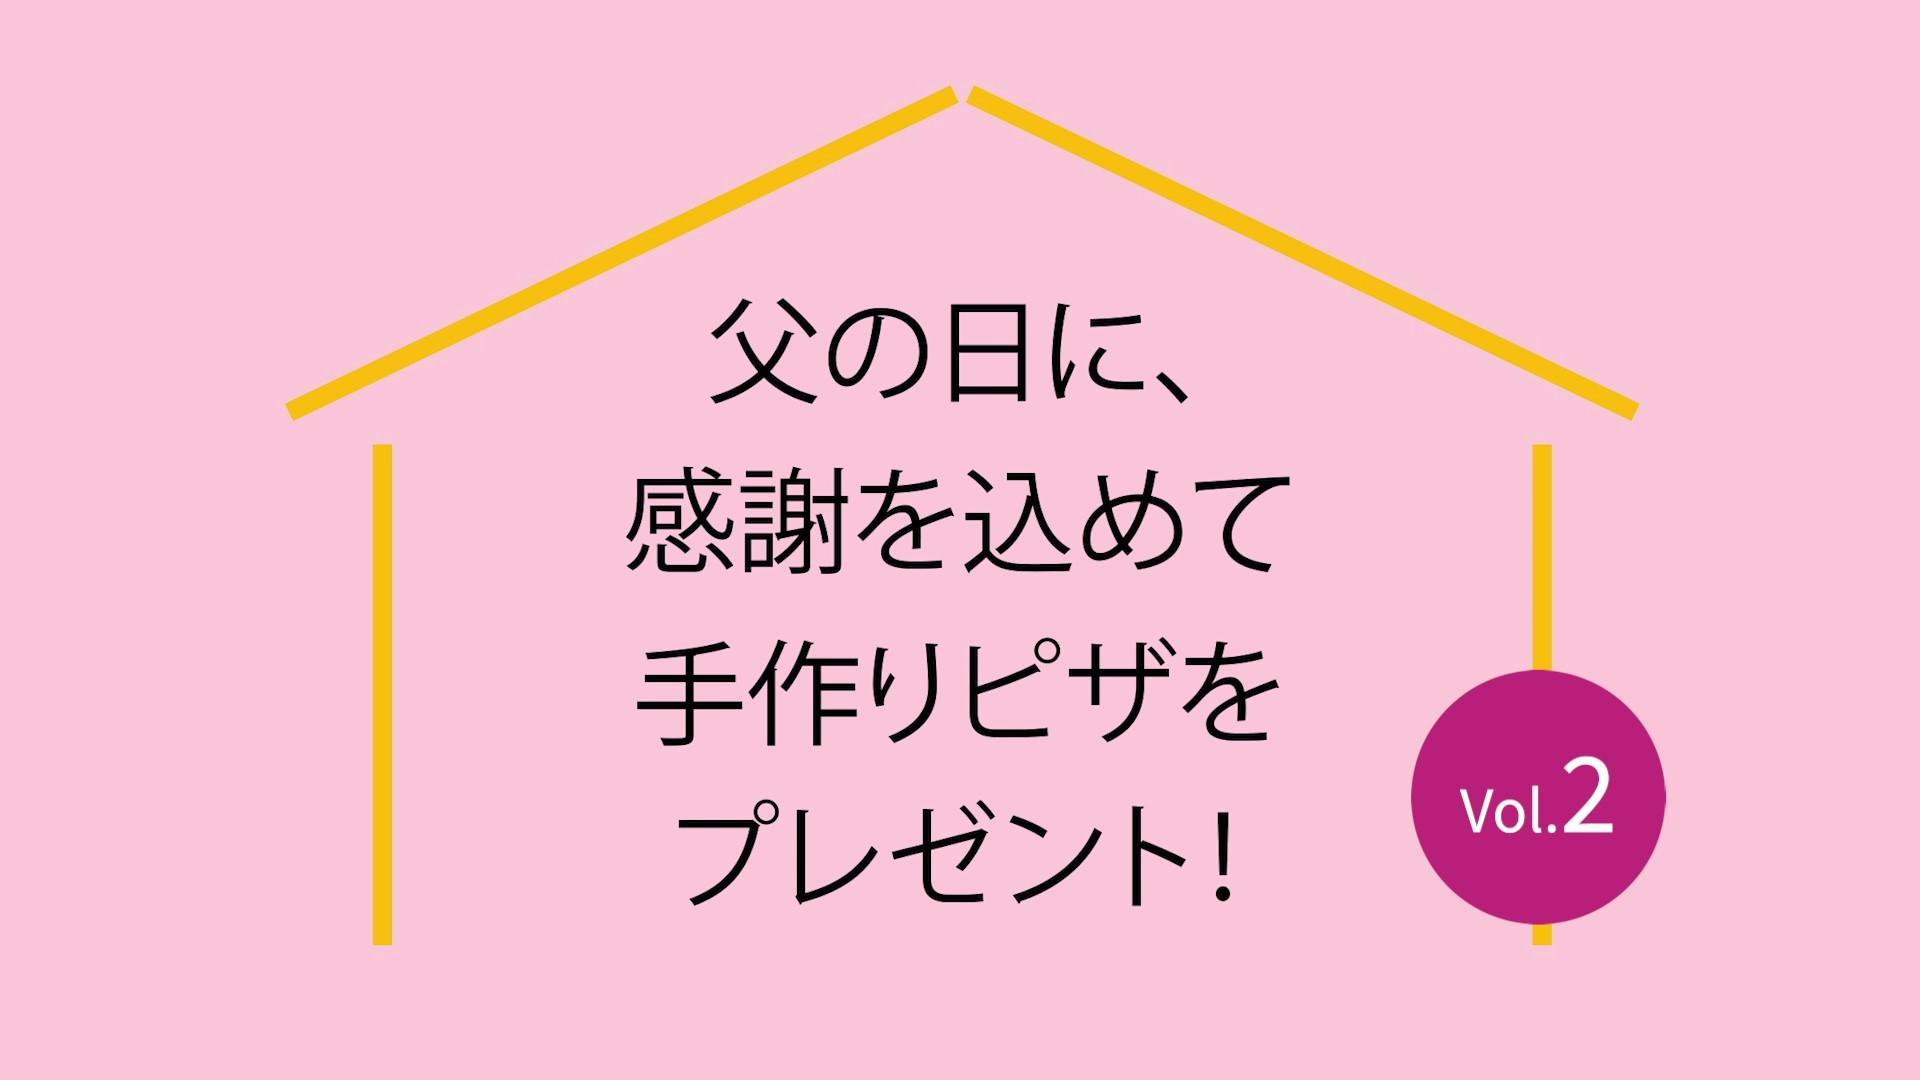 東京家政学院大学 スペシャルコンテンツ「新型コロナに負けるな!vol.2」人間栄養学部 人間栄養学科の考案による「父の日レシピ」